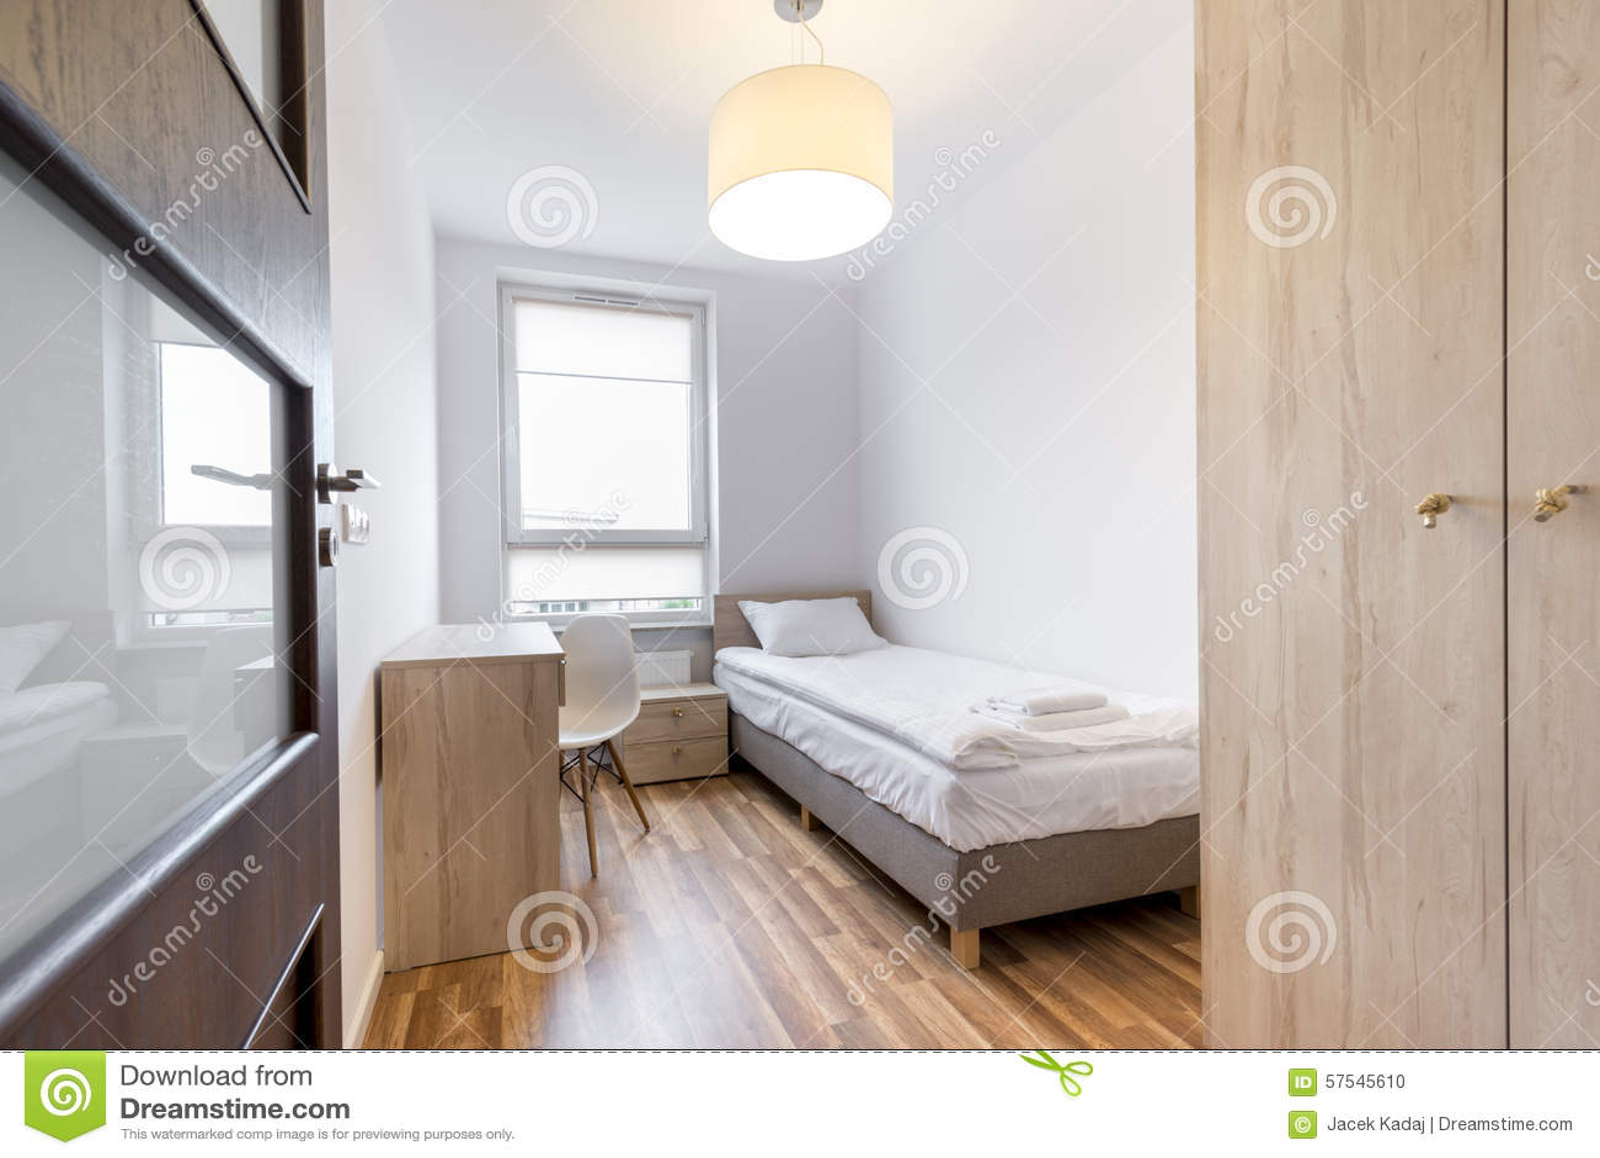 Elegancka Biała Sypialnia W Małym Pokoju Zdjęcie Stock